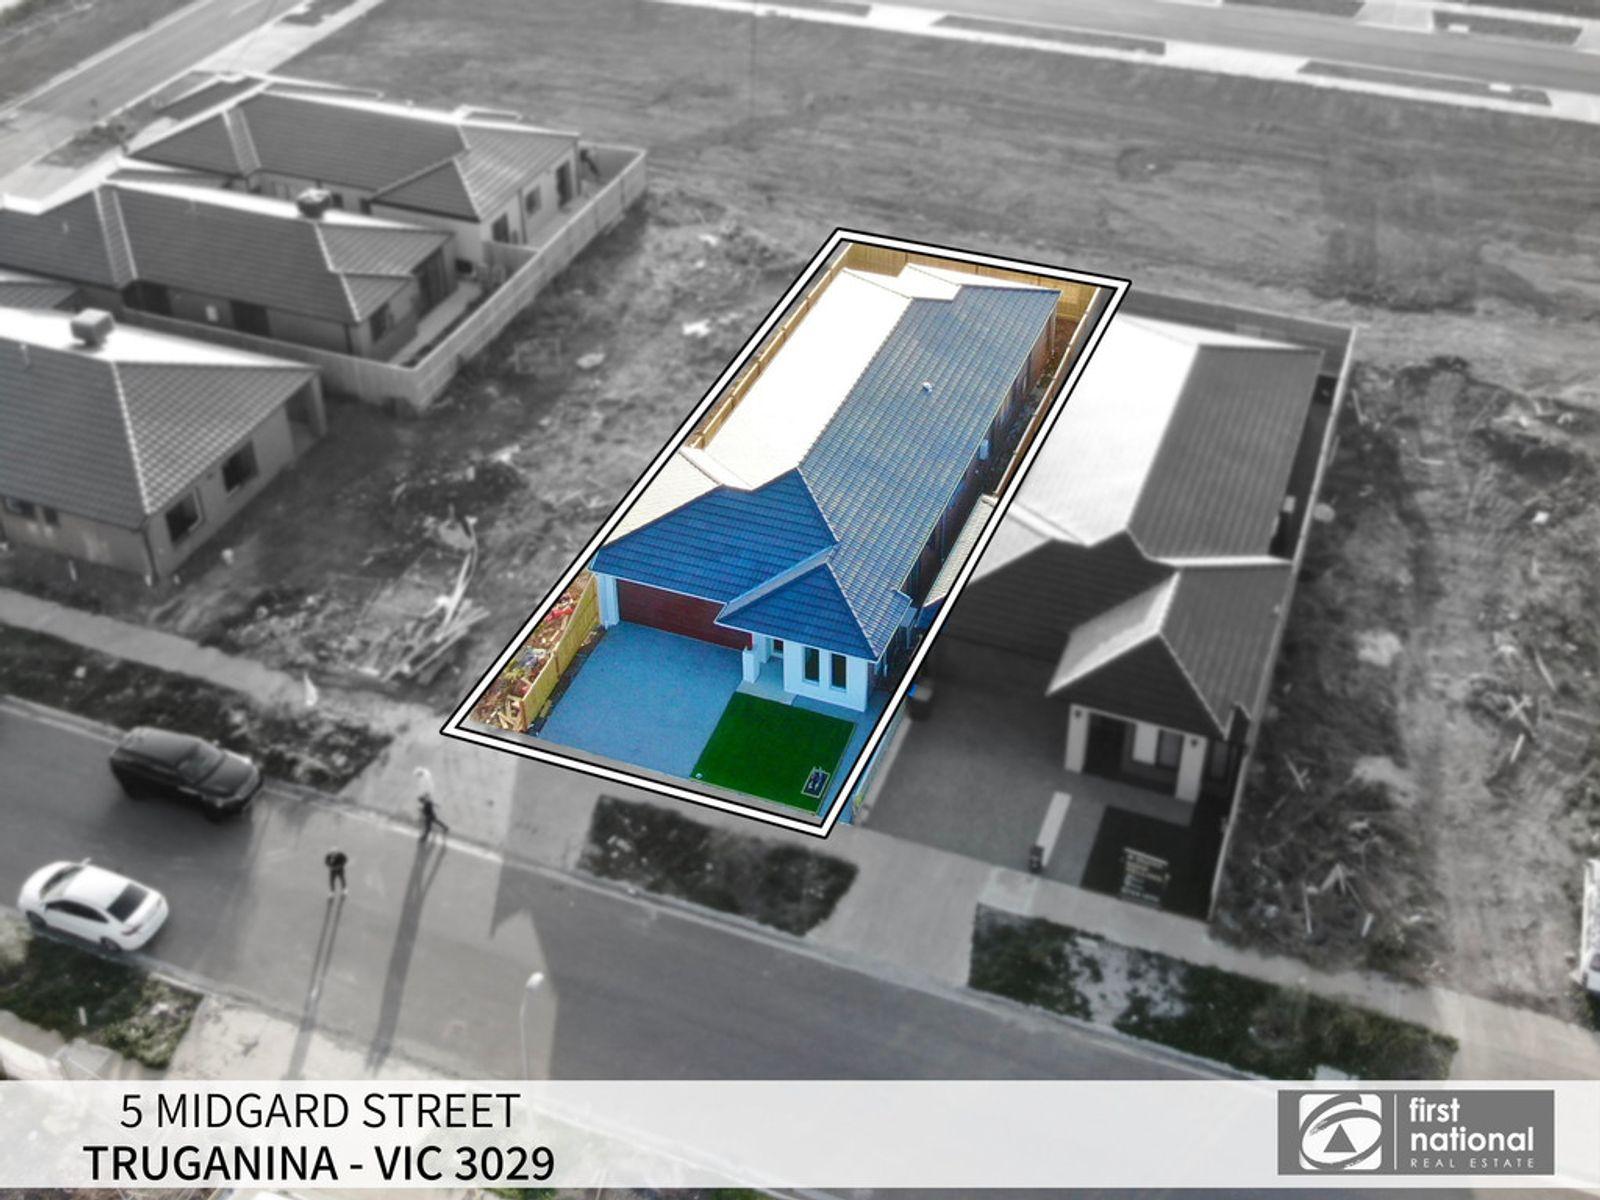 5 Midgard Street, Truganina, VIC 3029